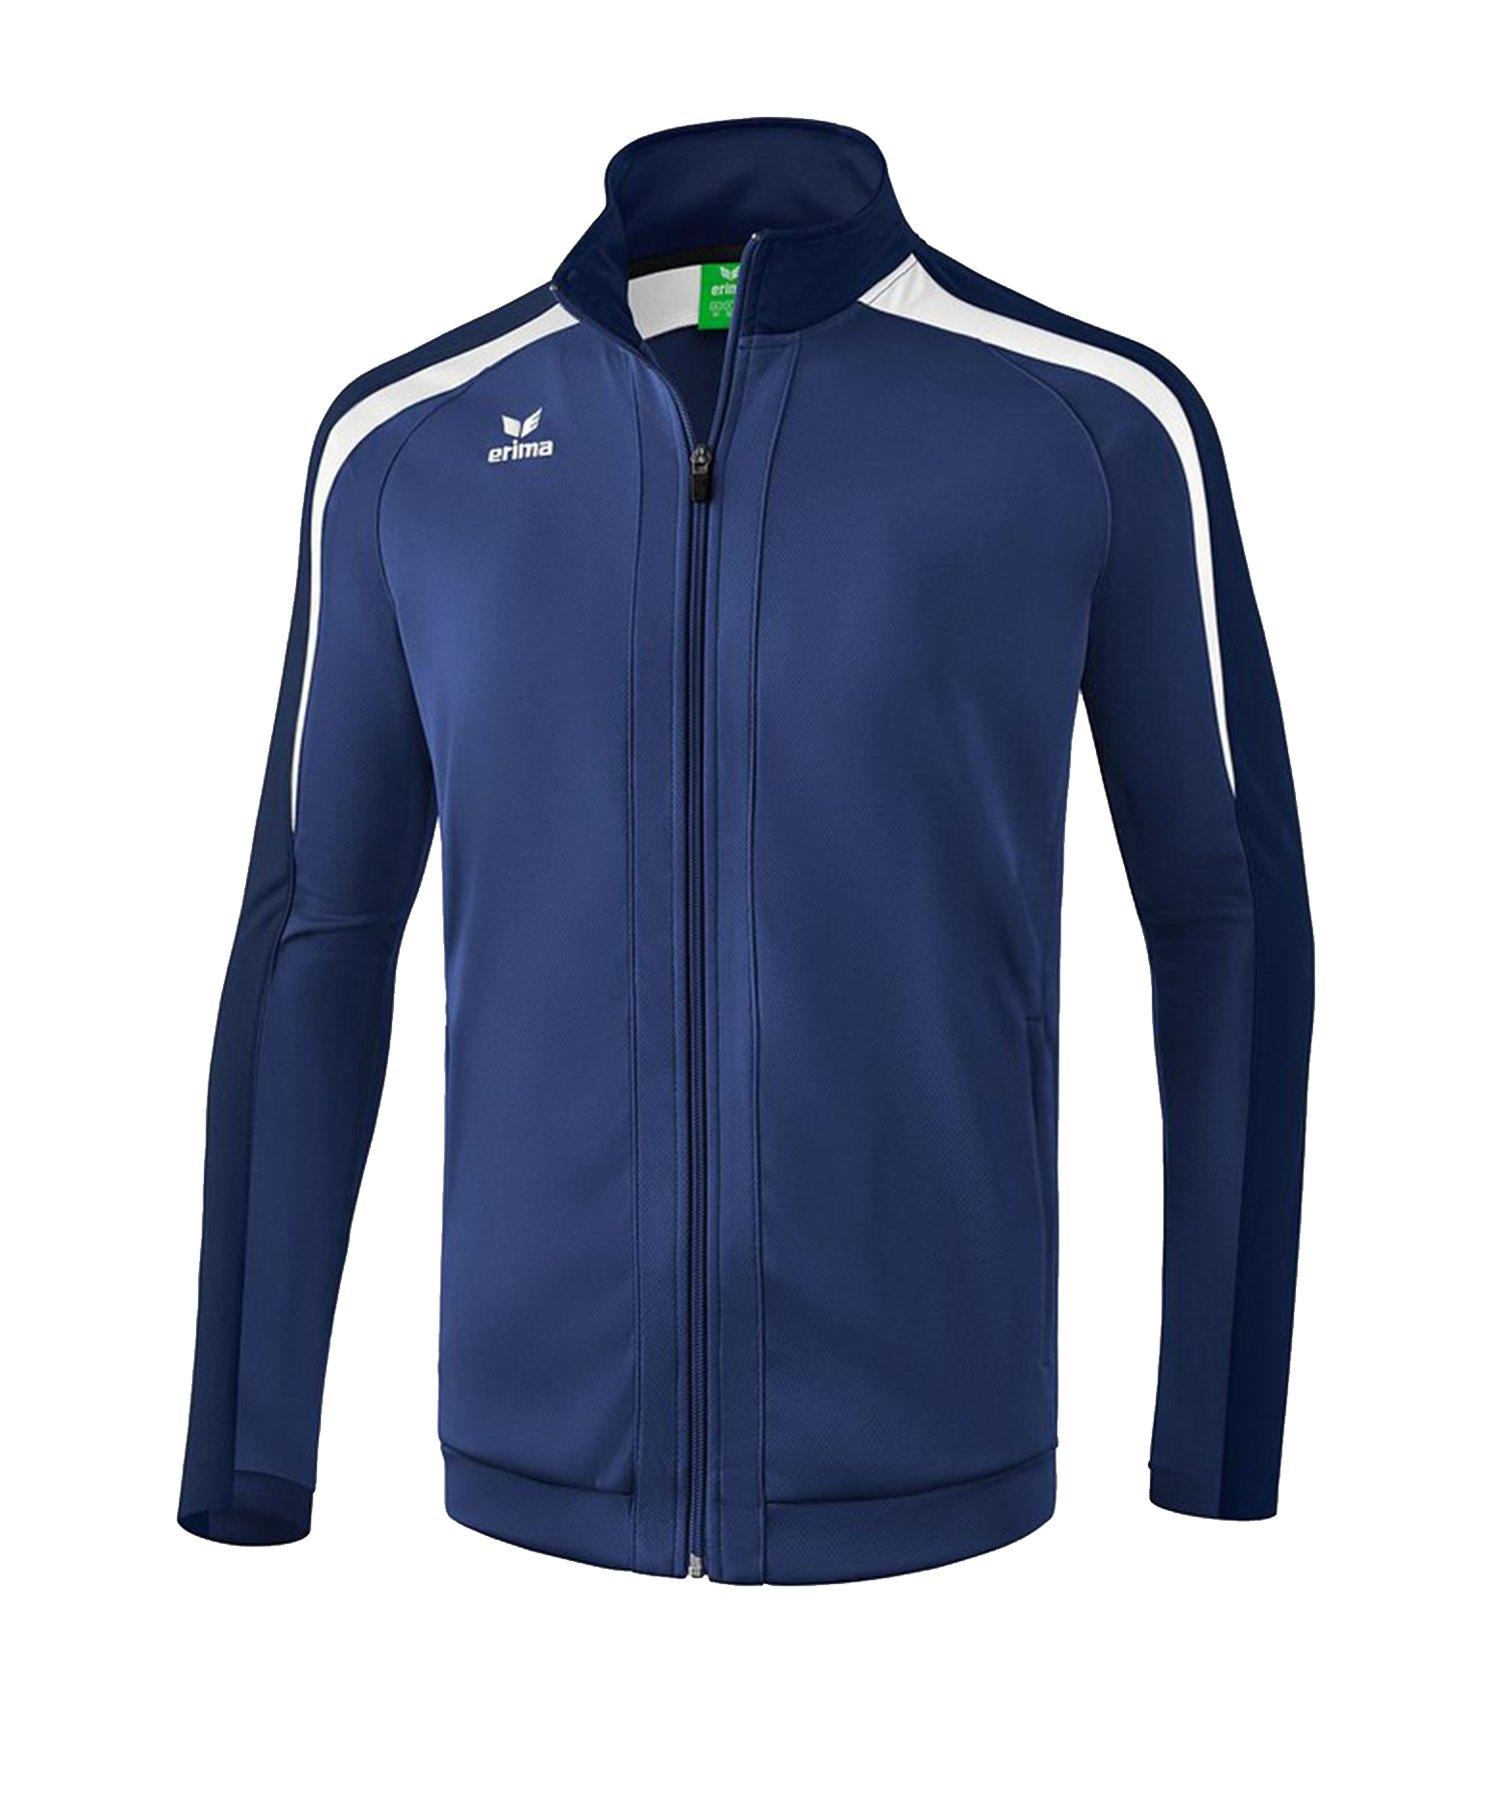 Erima Liga 2.0 Trainingsjacke Dunkelblau Weiss - blau